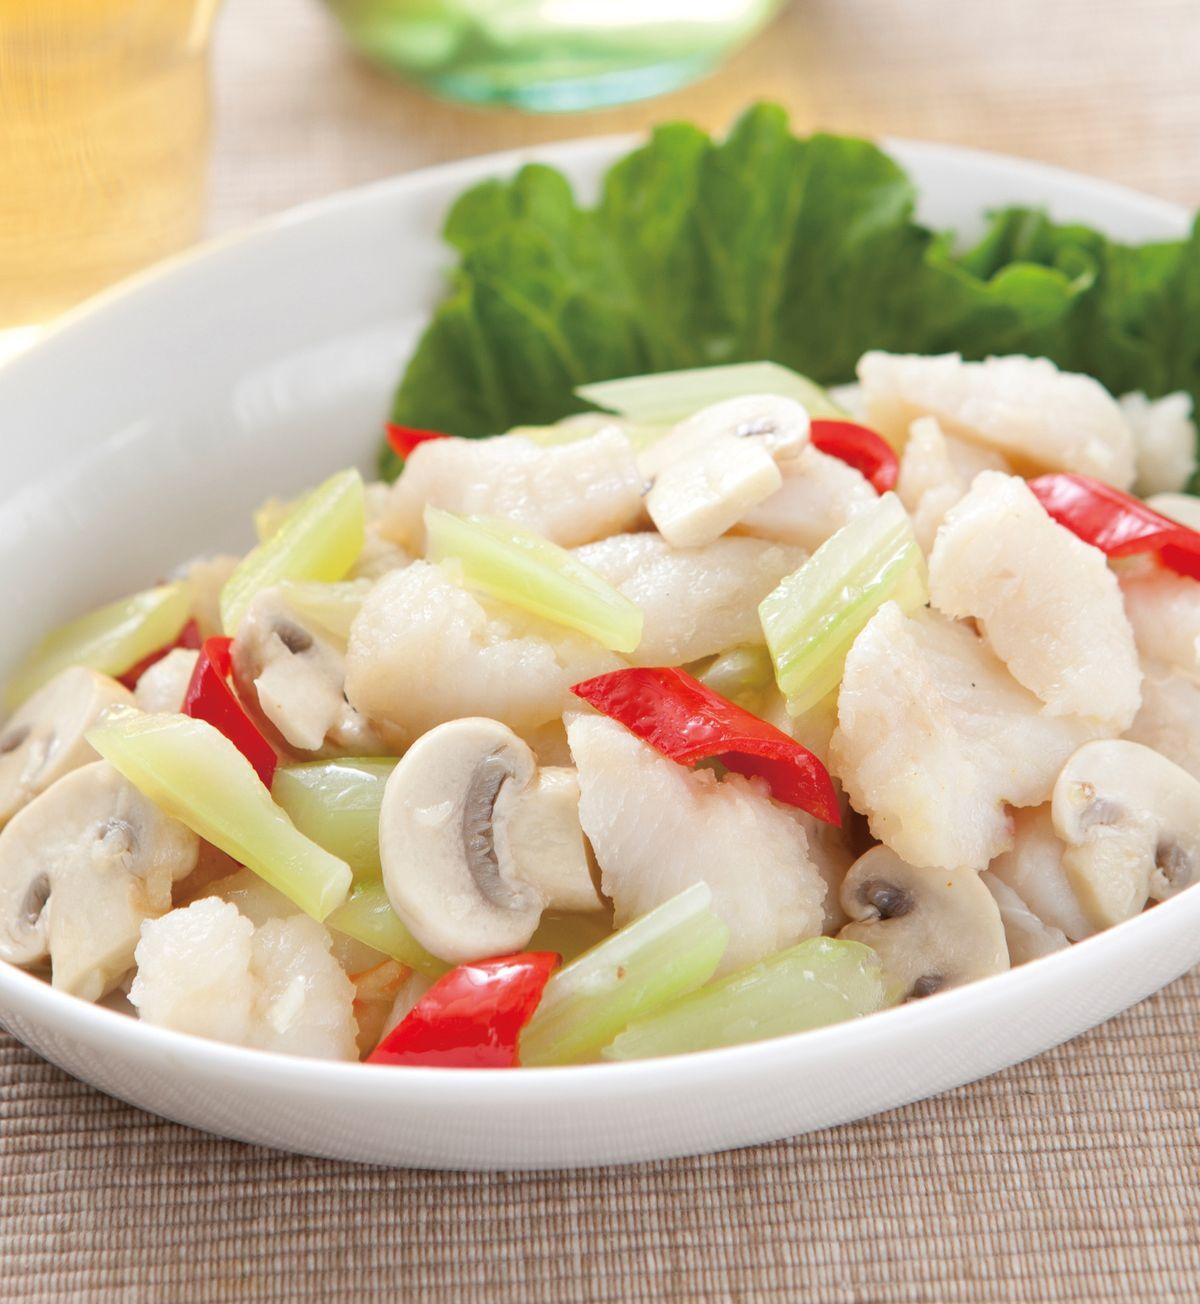 食譜:魚片拌蘑菇